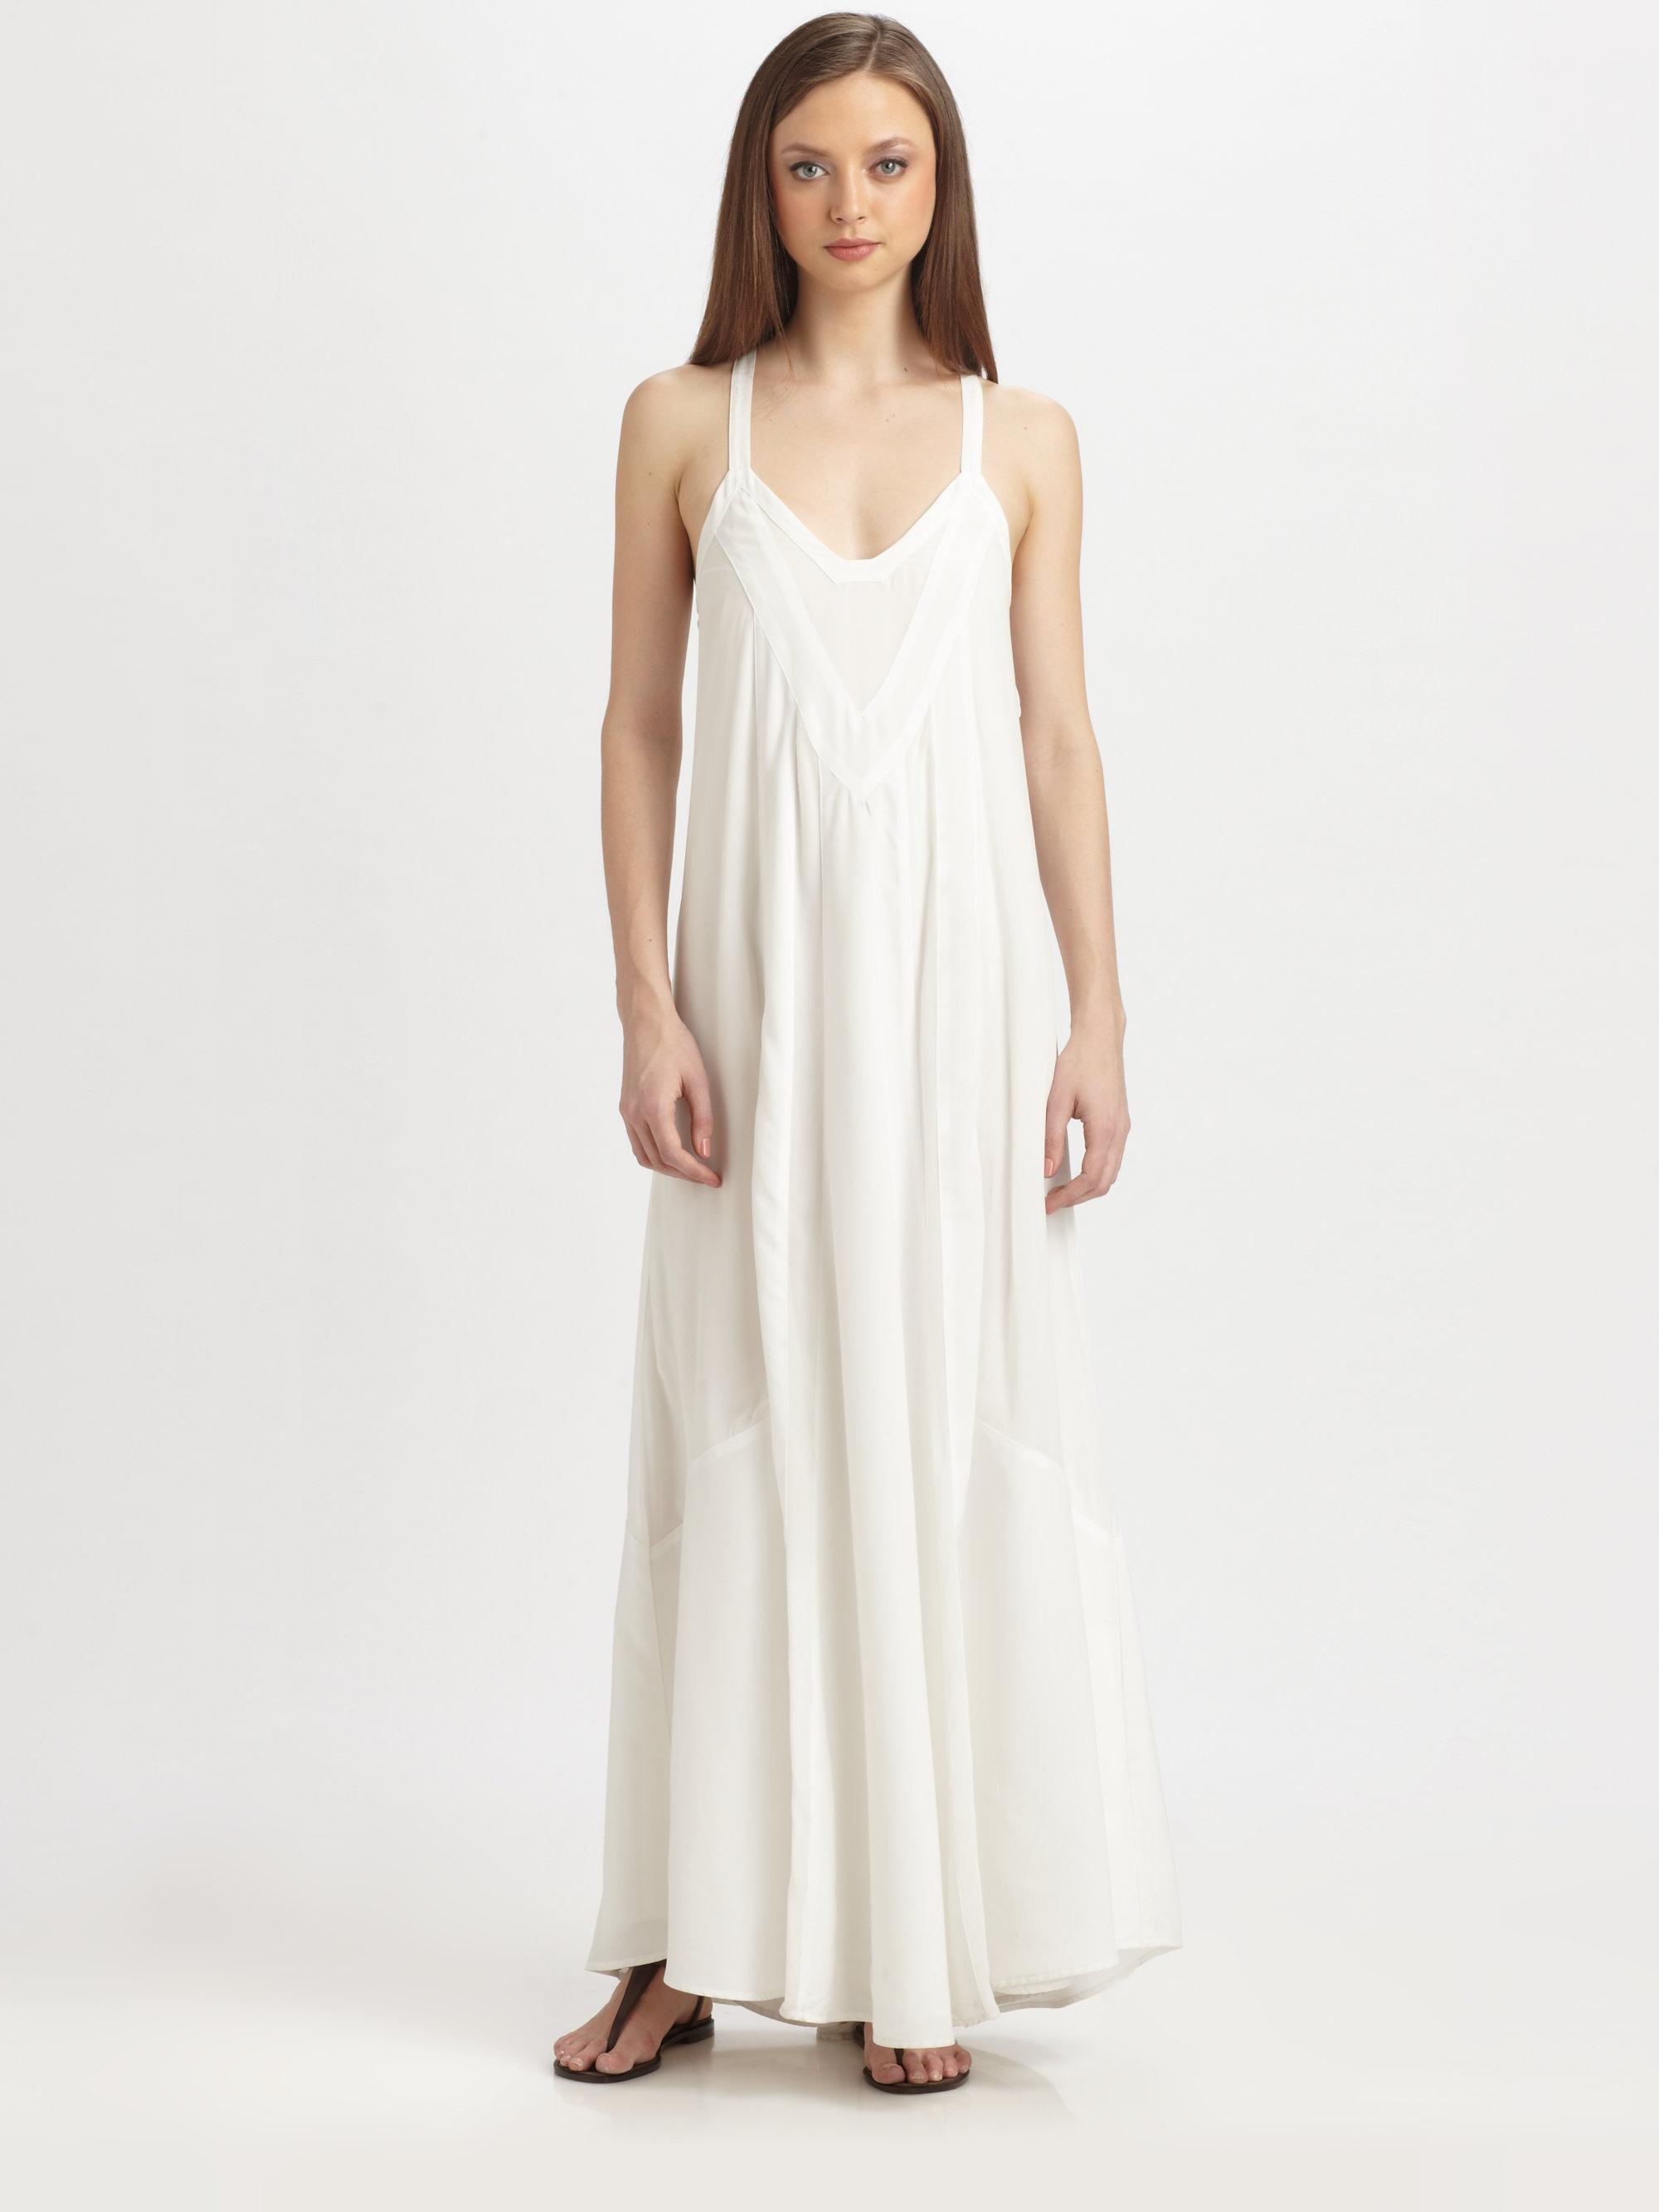 b2993823d Pjk Patterson J. Kincaid Manning Maxi Dress in White - Lyst